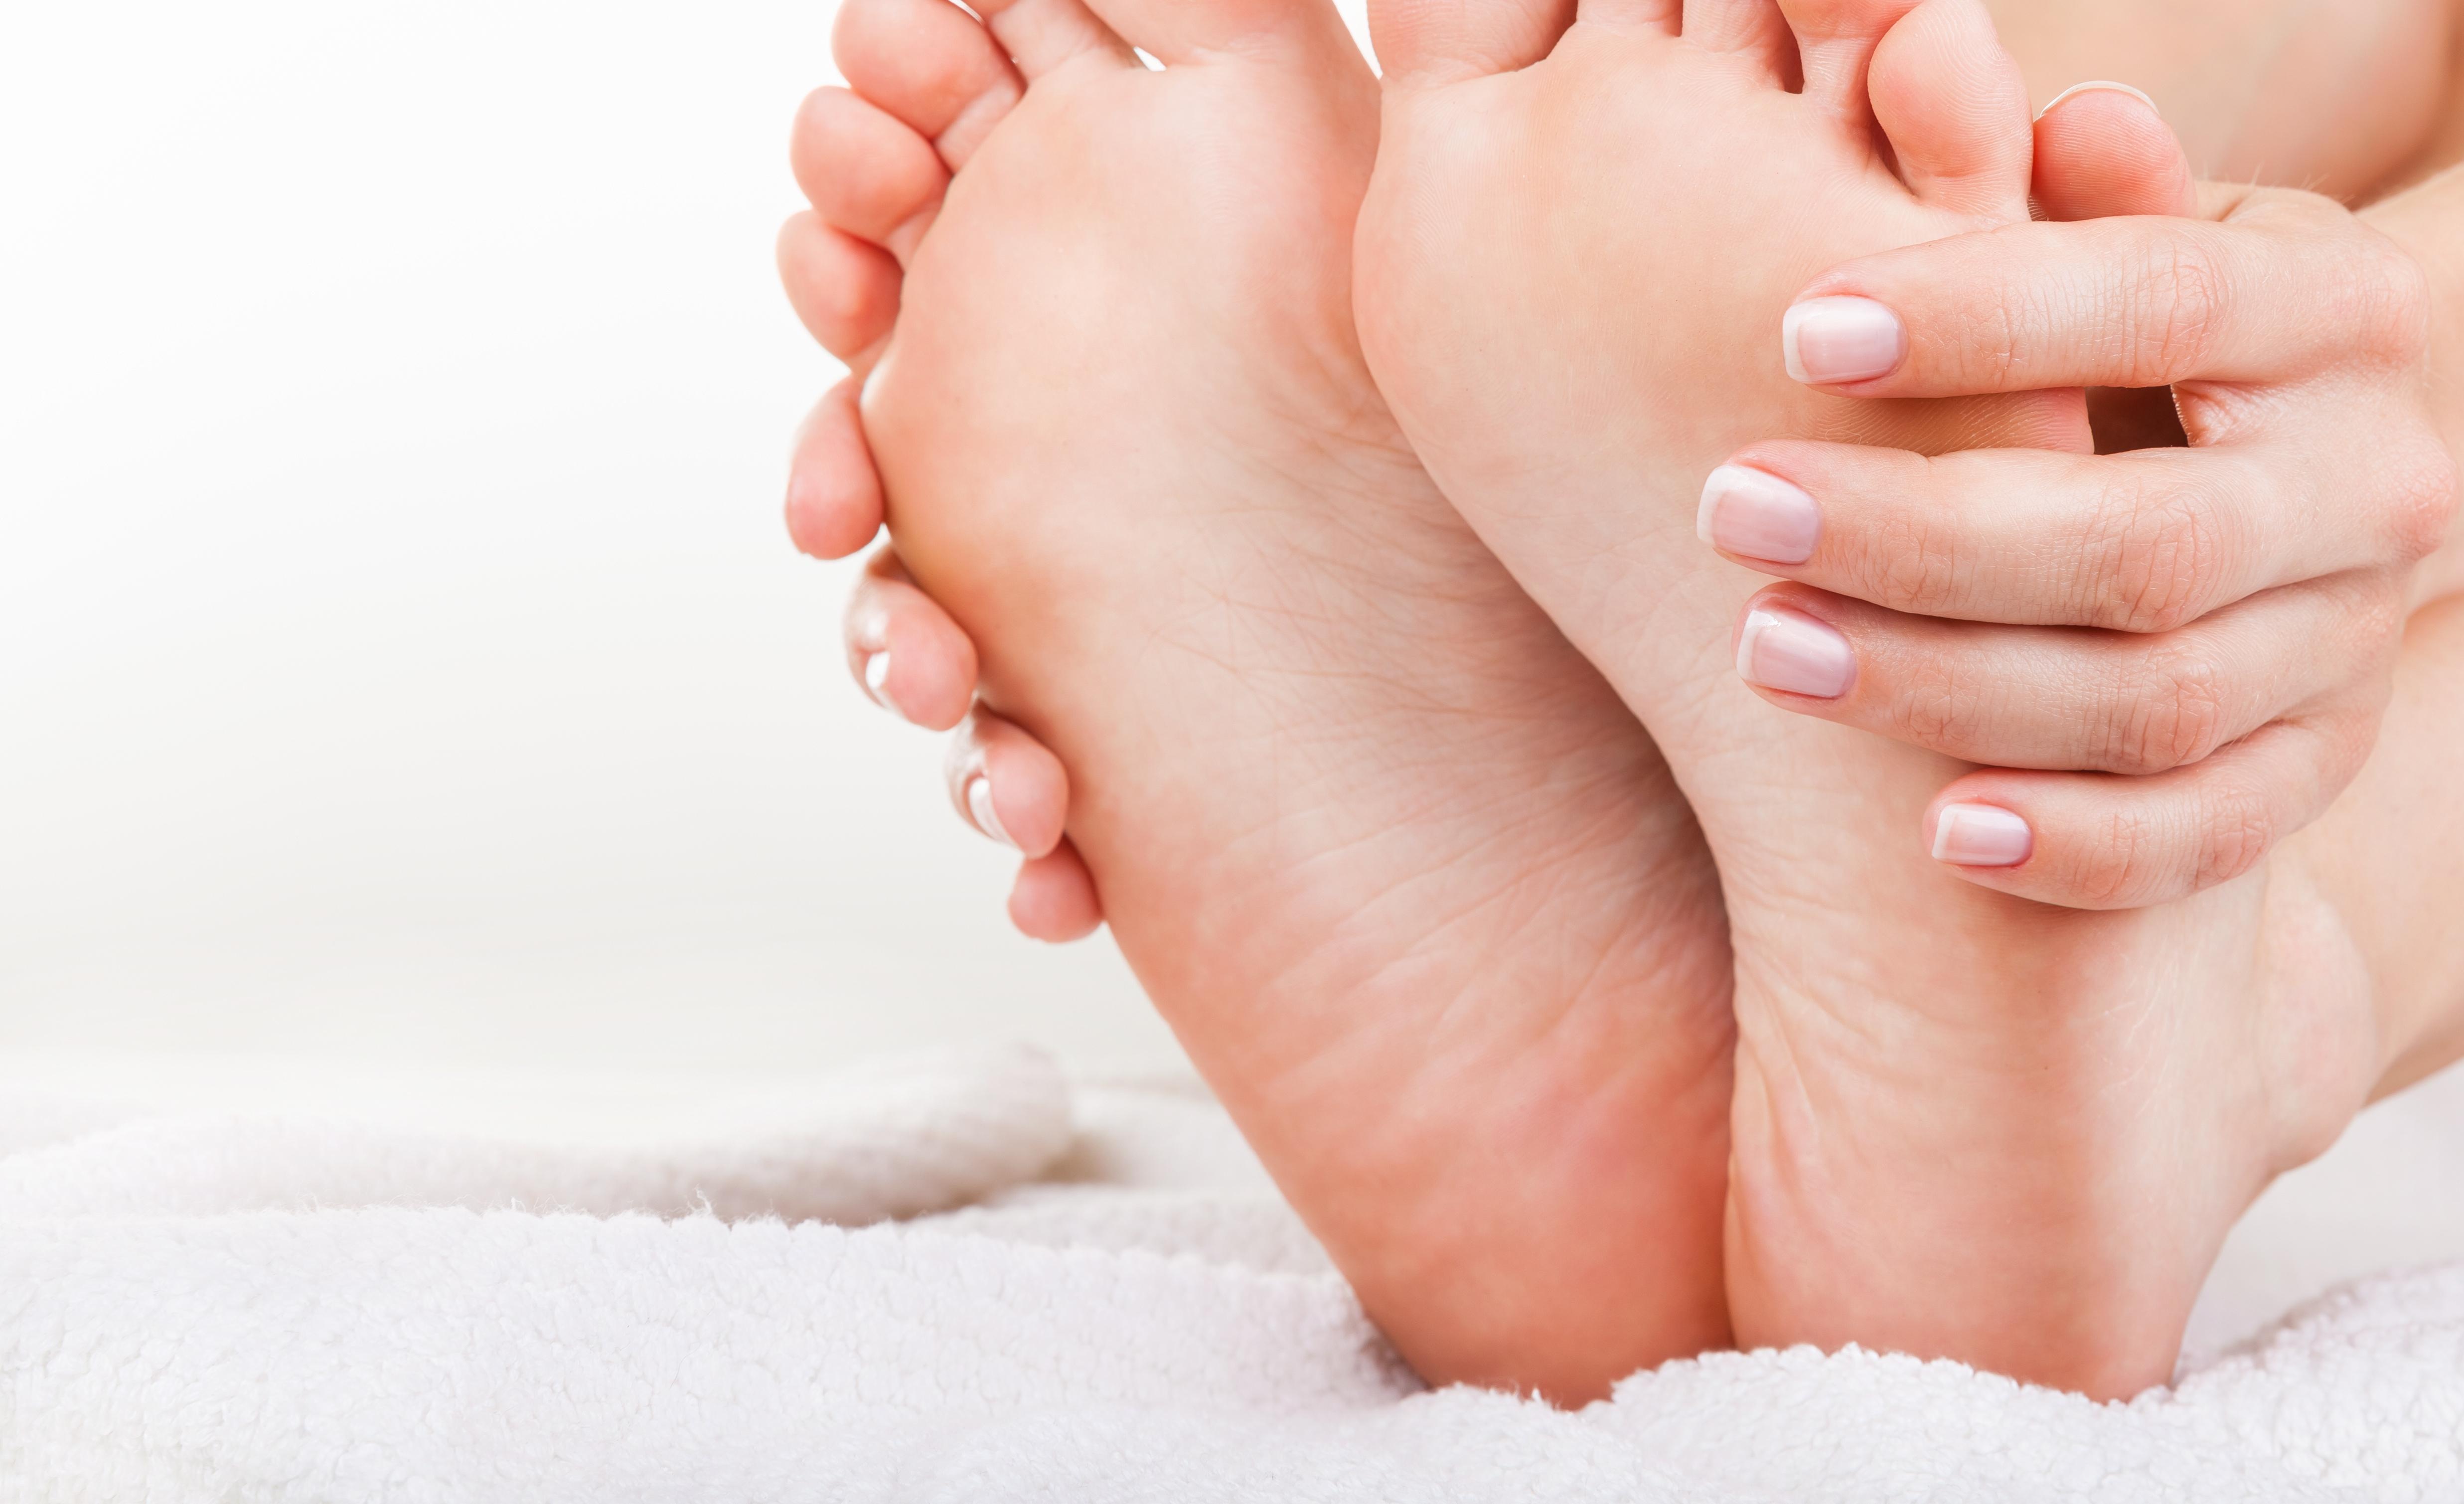 وقتی ظاهر پاها هشدار این 5 بیماری را می دهد